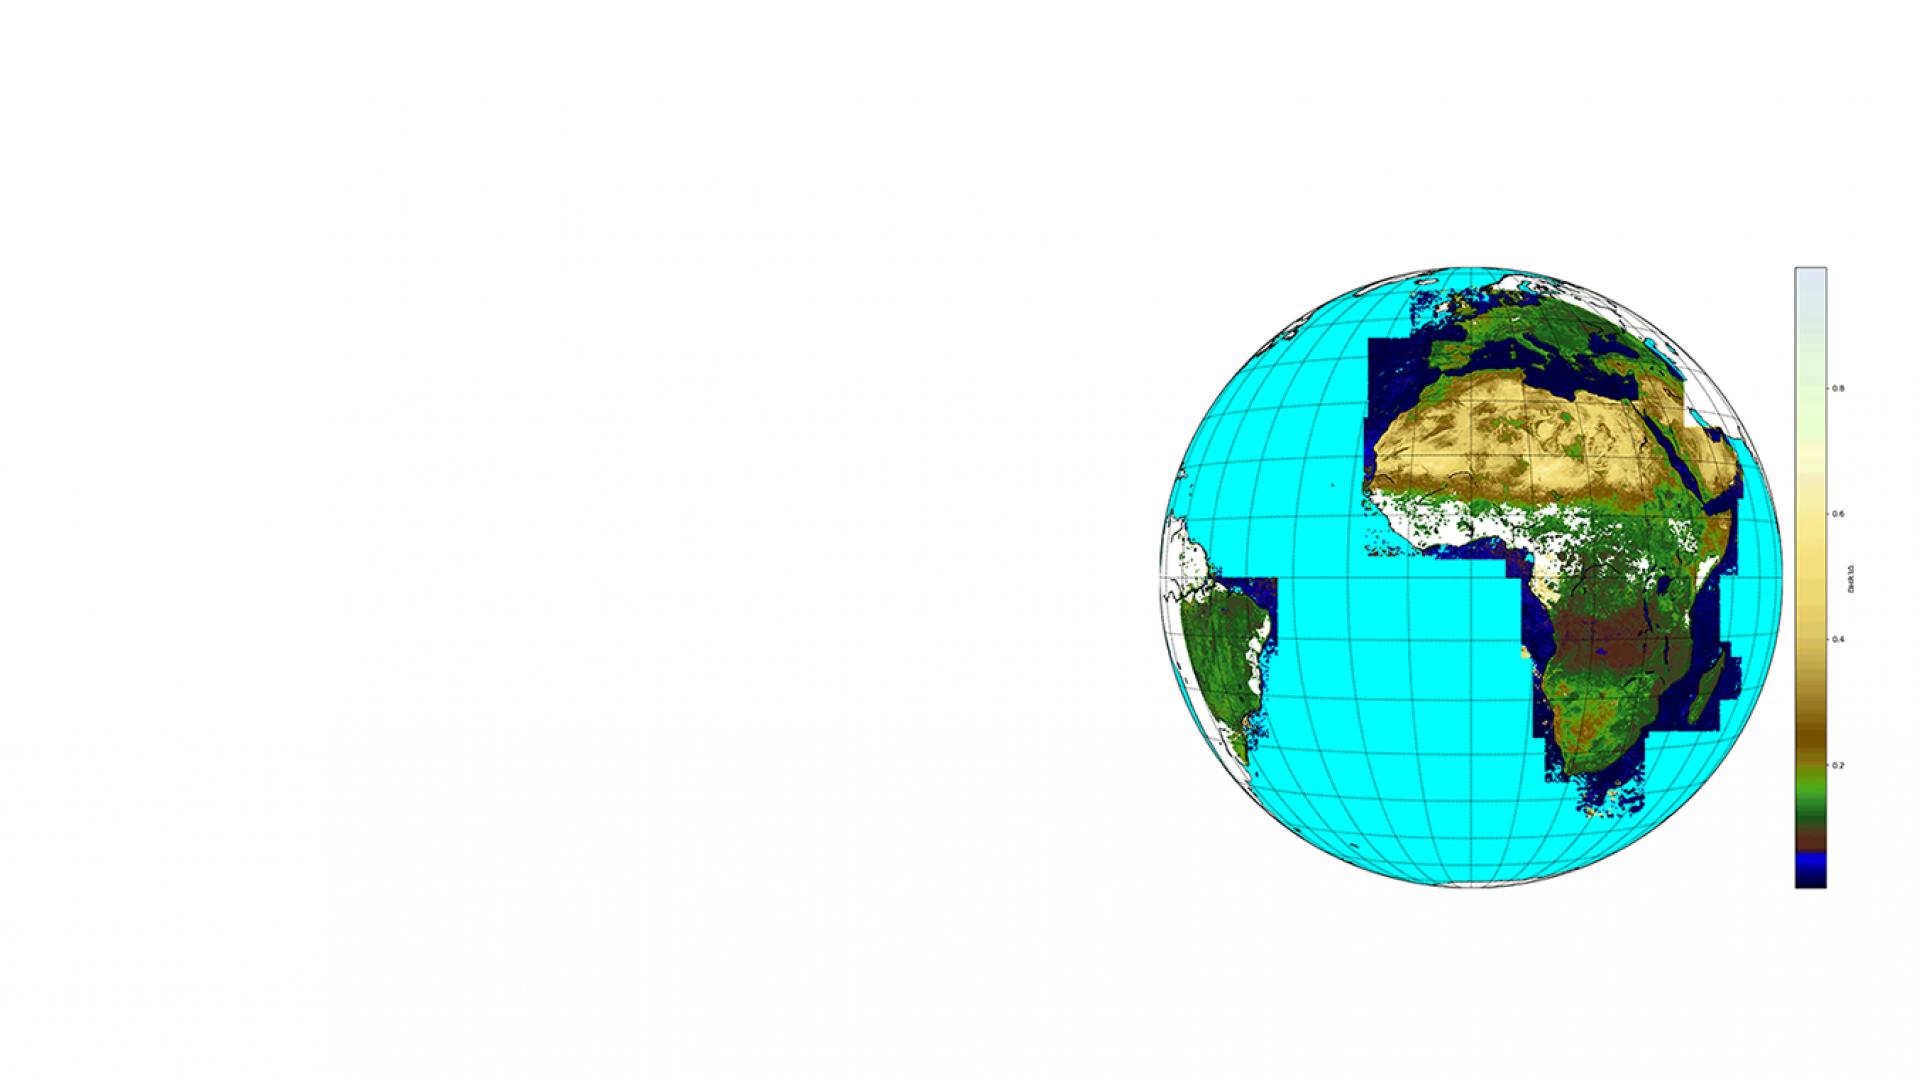 Meteosat CDR